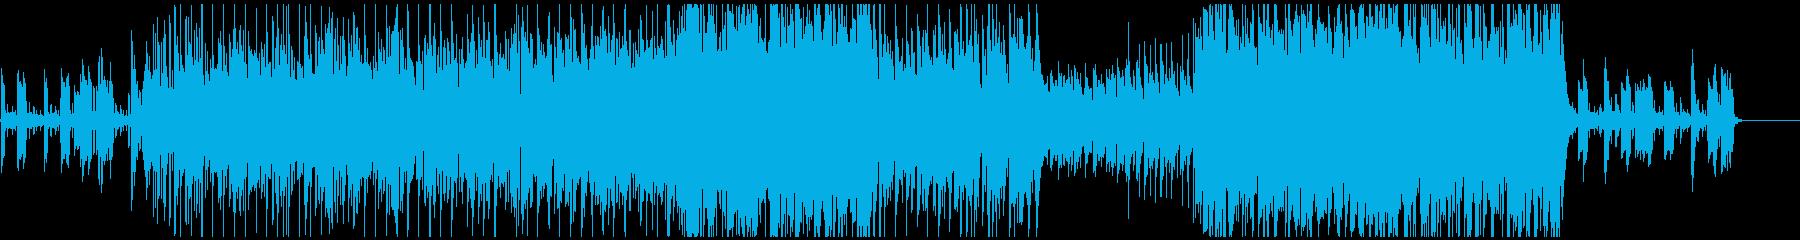 上質な雰囲気のアップテンポ曲の再生済みの波形